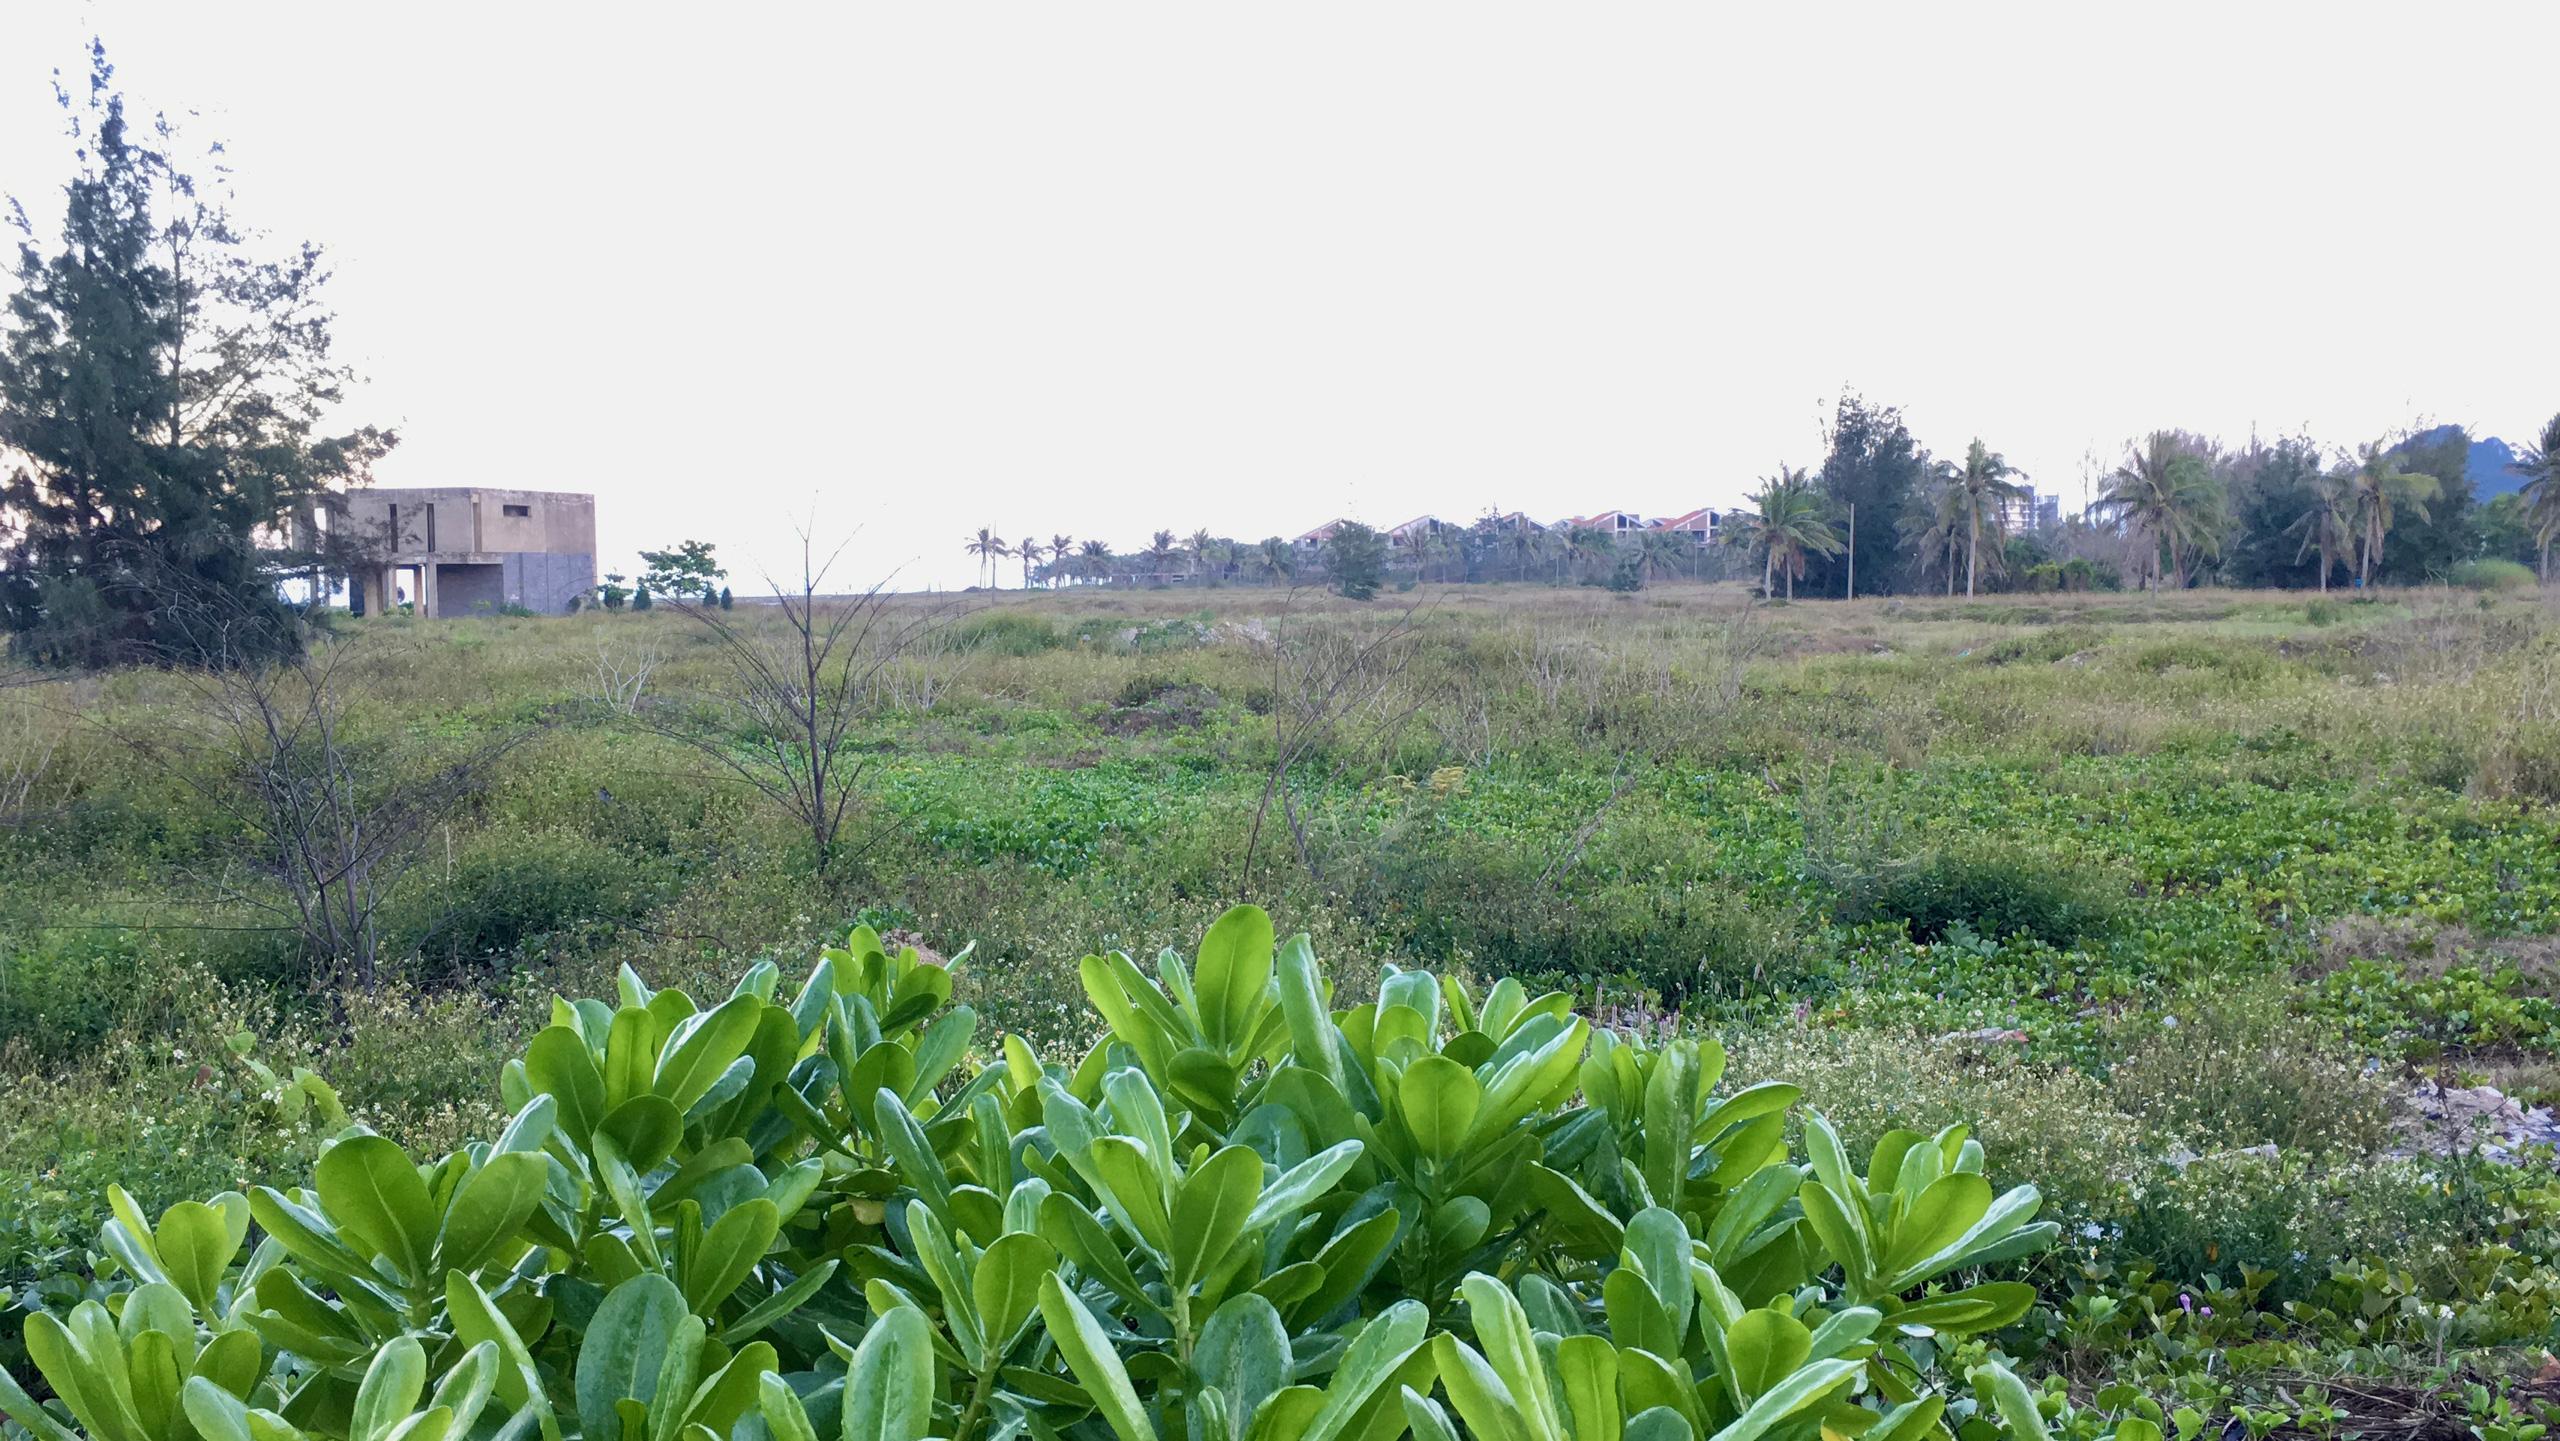 Dự án hơn 12 ha ven biển Đà Nẵng mà Công ty của vợ chồng Chủ tịch VNDirect muốn rút đầu tư hiện đang bỏ hoang - Ảnh 8.